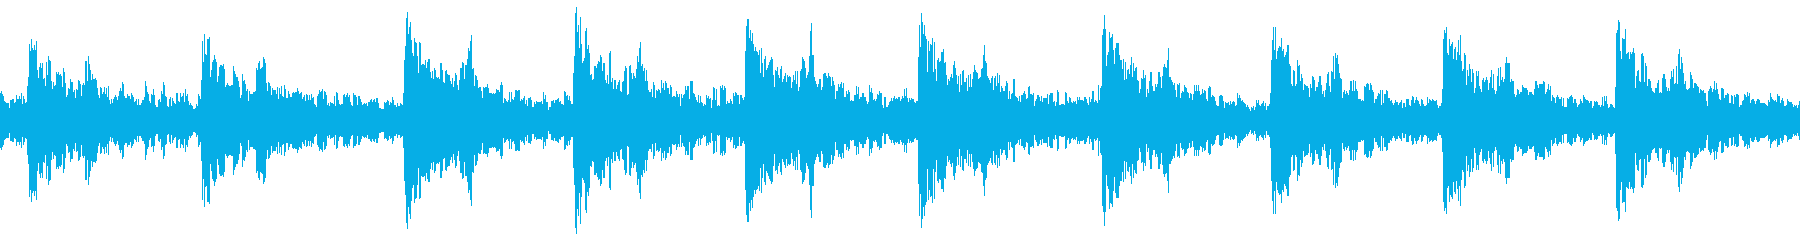 パイルドライバーLow Rumbl...の再生済みの波形